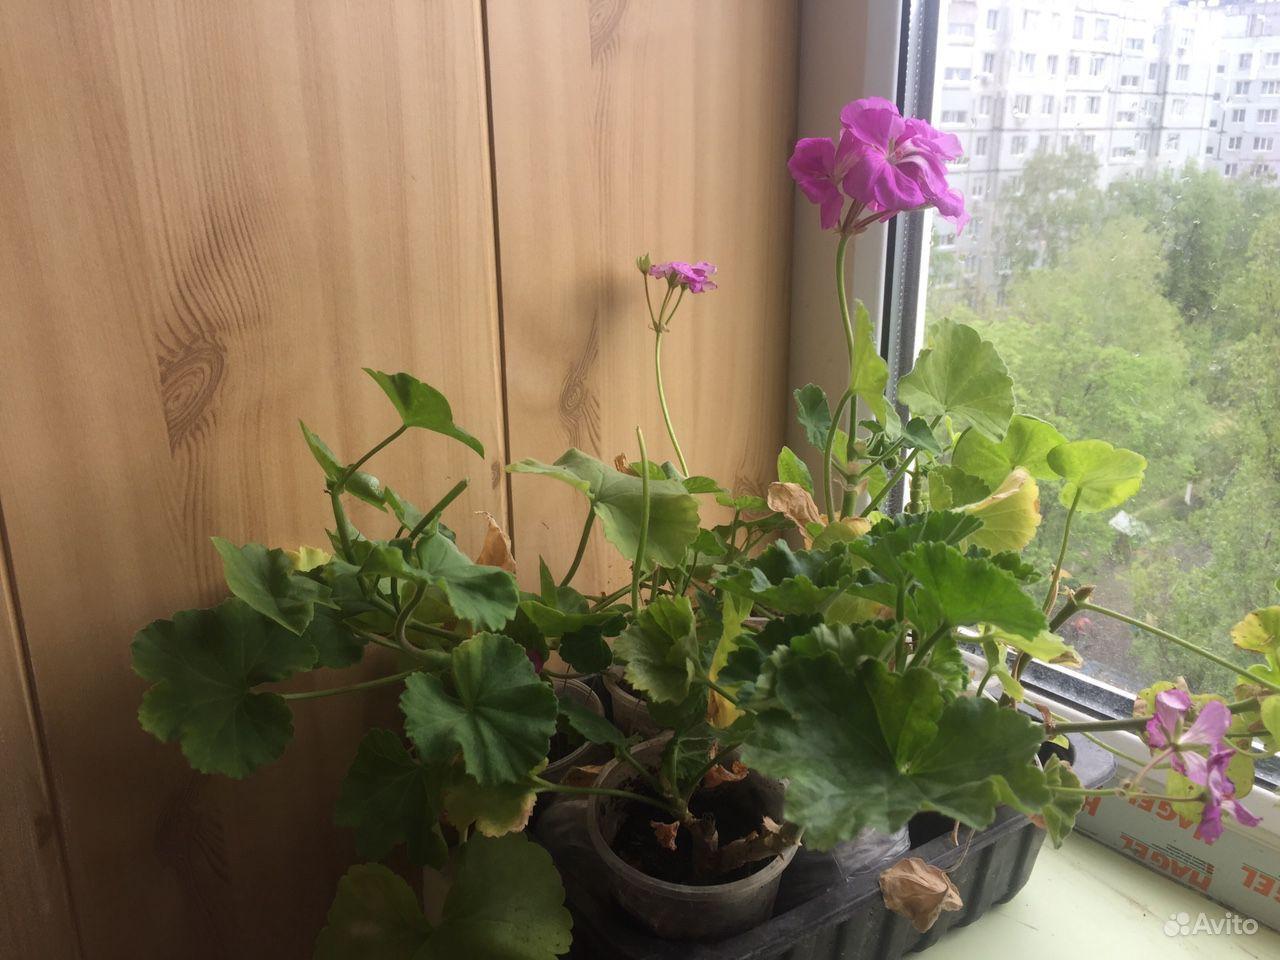 Герань пеларгония купить на Зозу.ру - фотография № 4